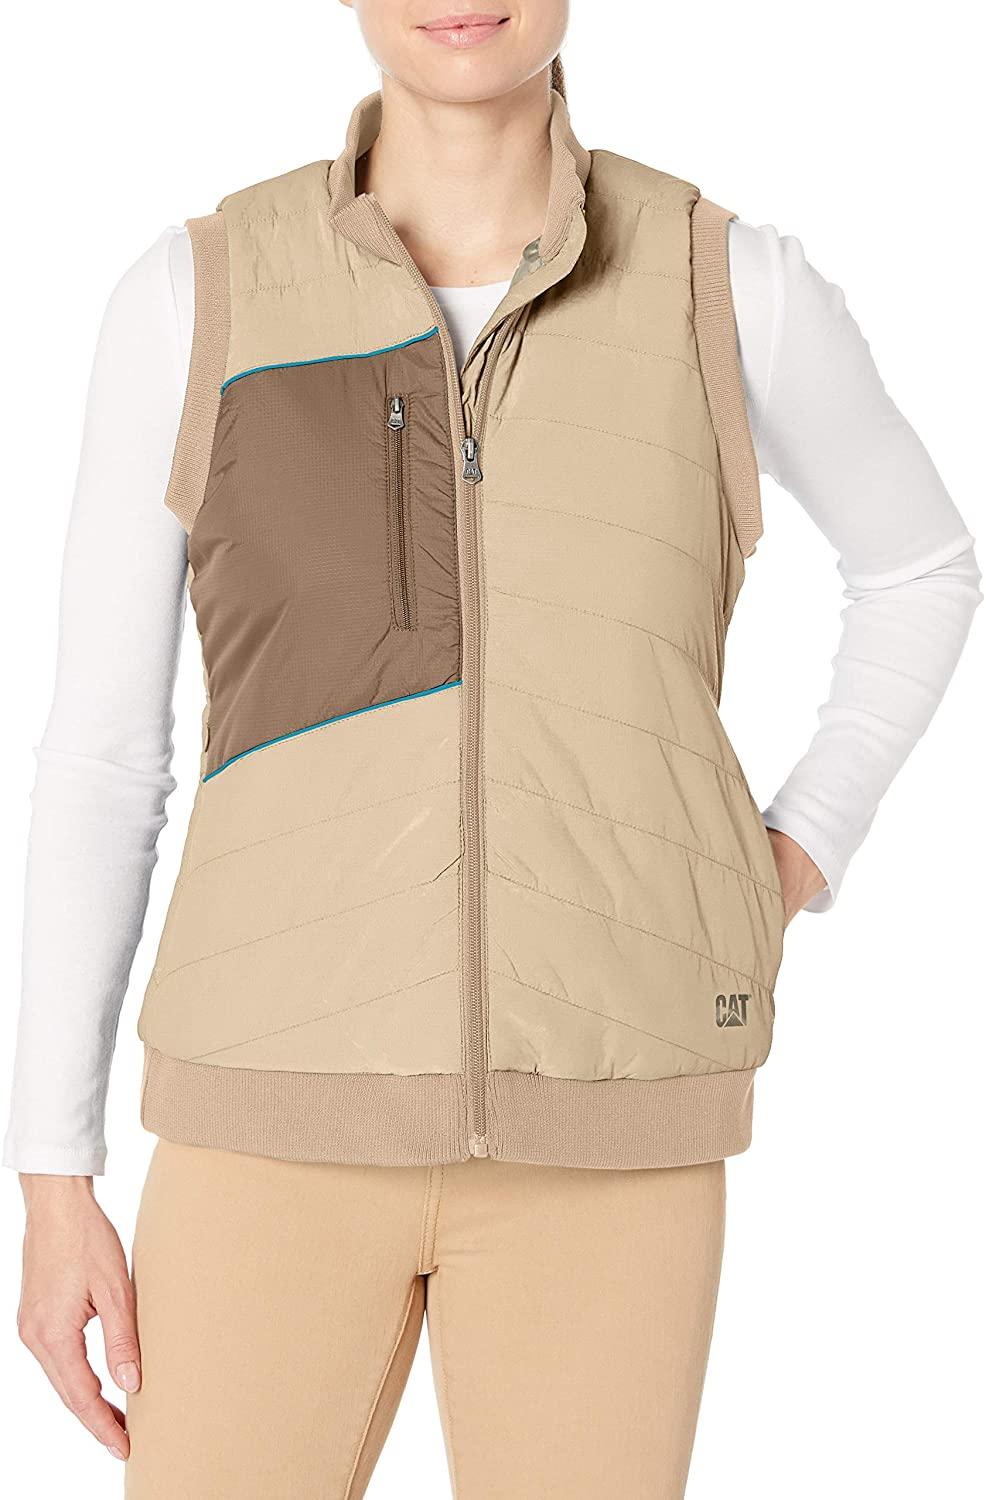 CAT Women's Workwear Women's Michelle Vest